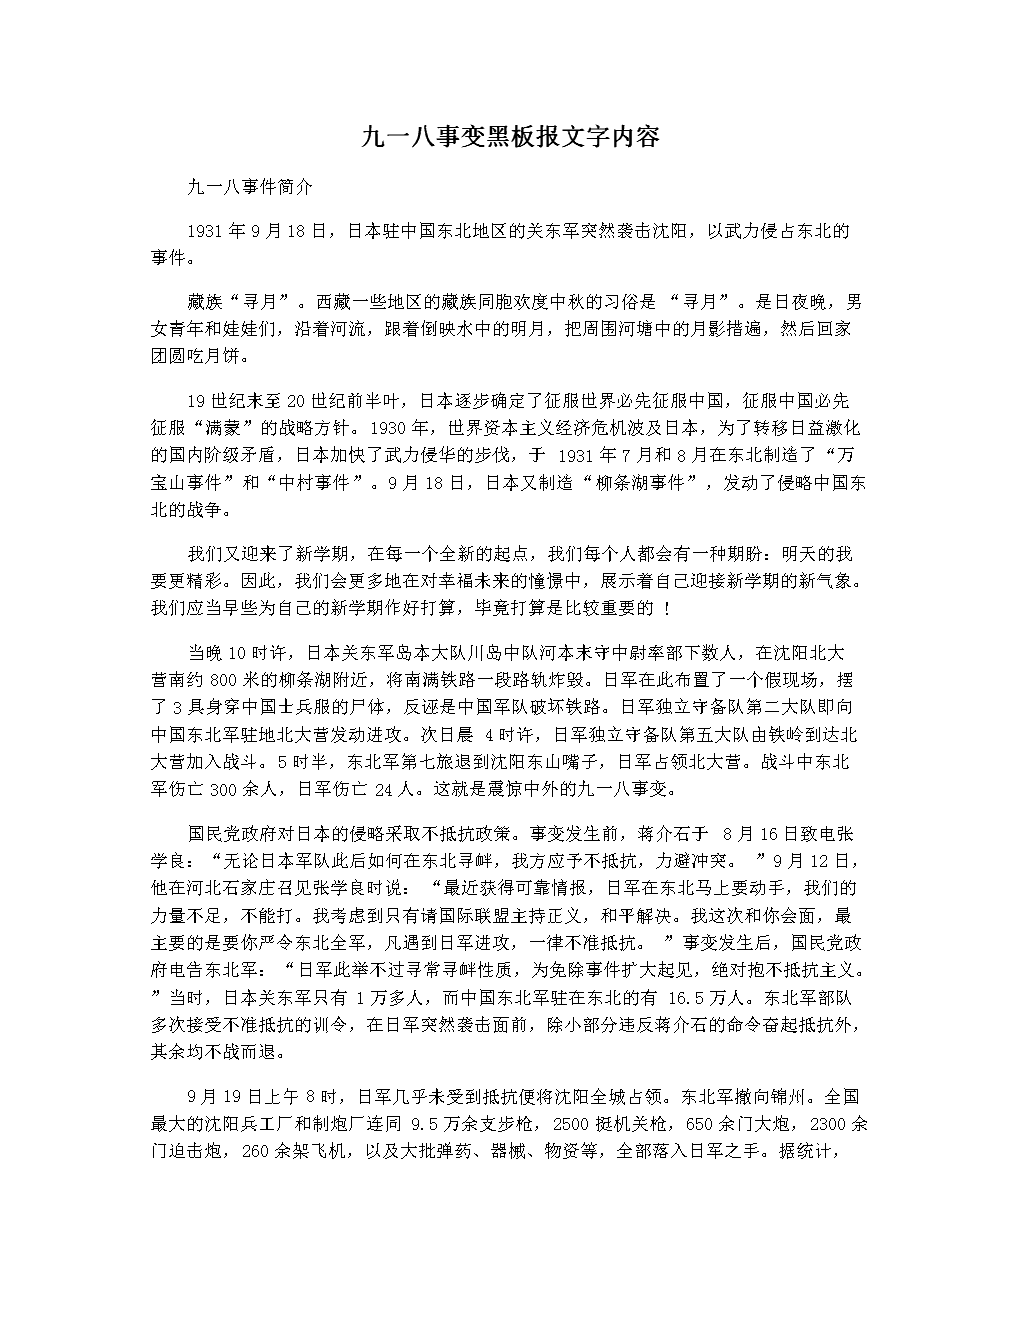 九一八事变黑板报文字内容.docx